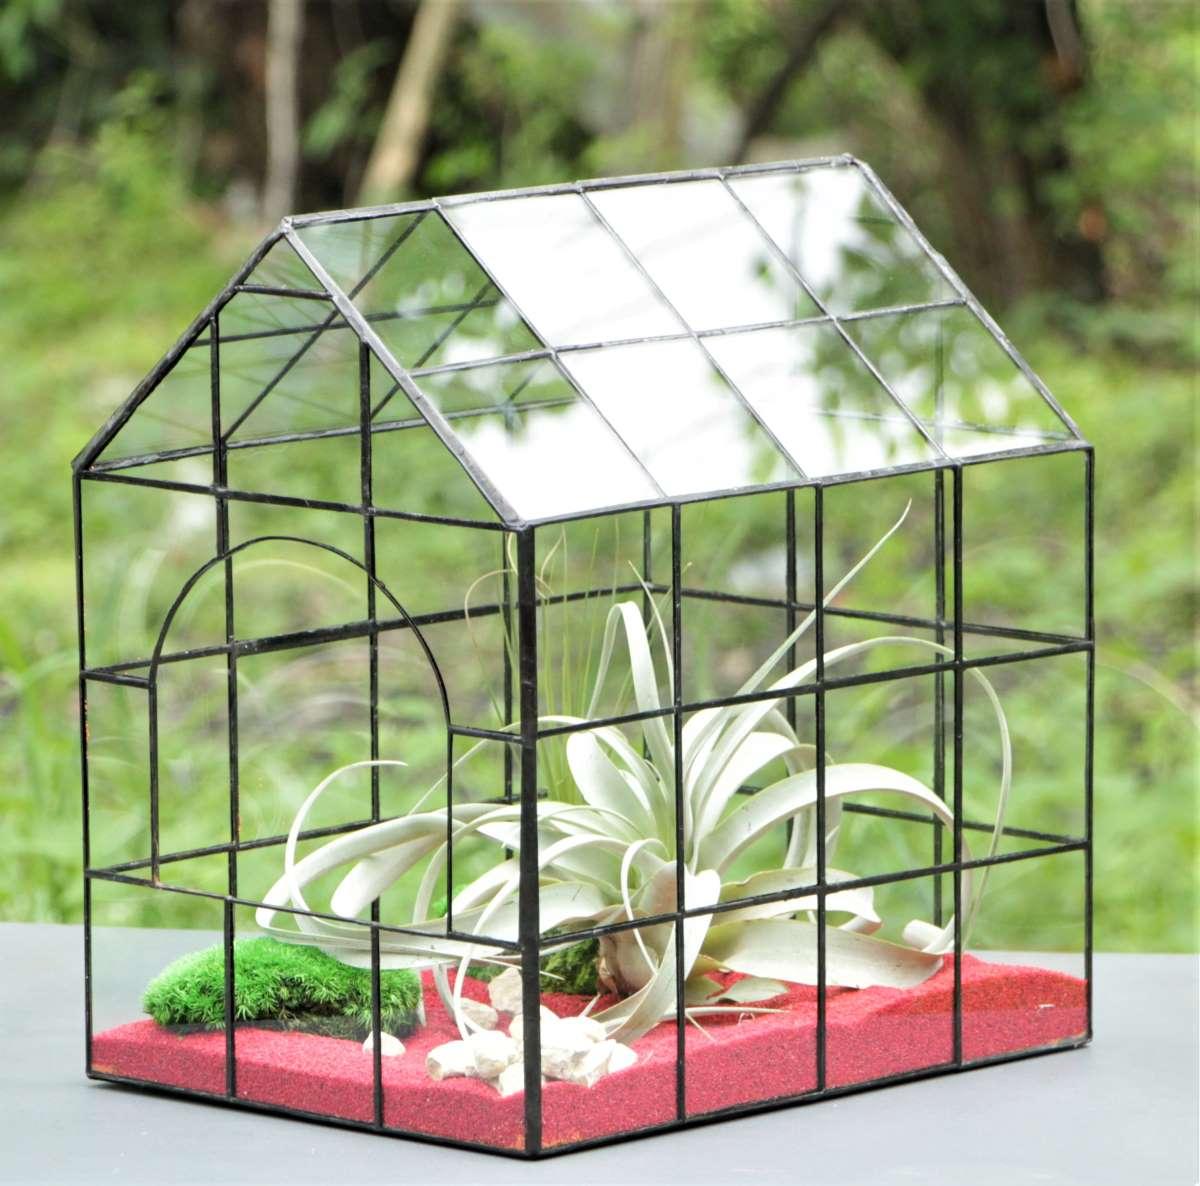 Terariu cu plante aeriene, nisip rosu, aranjament pentru casa sau birou